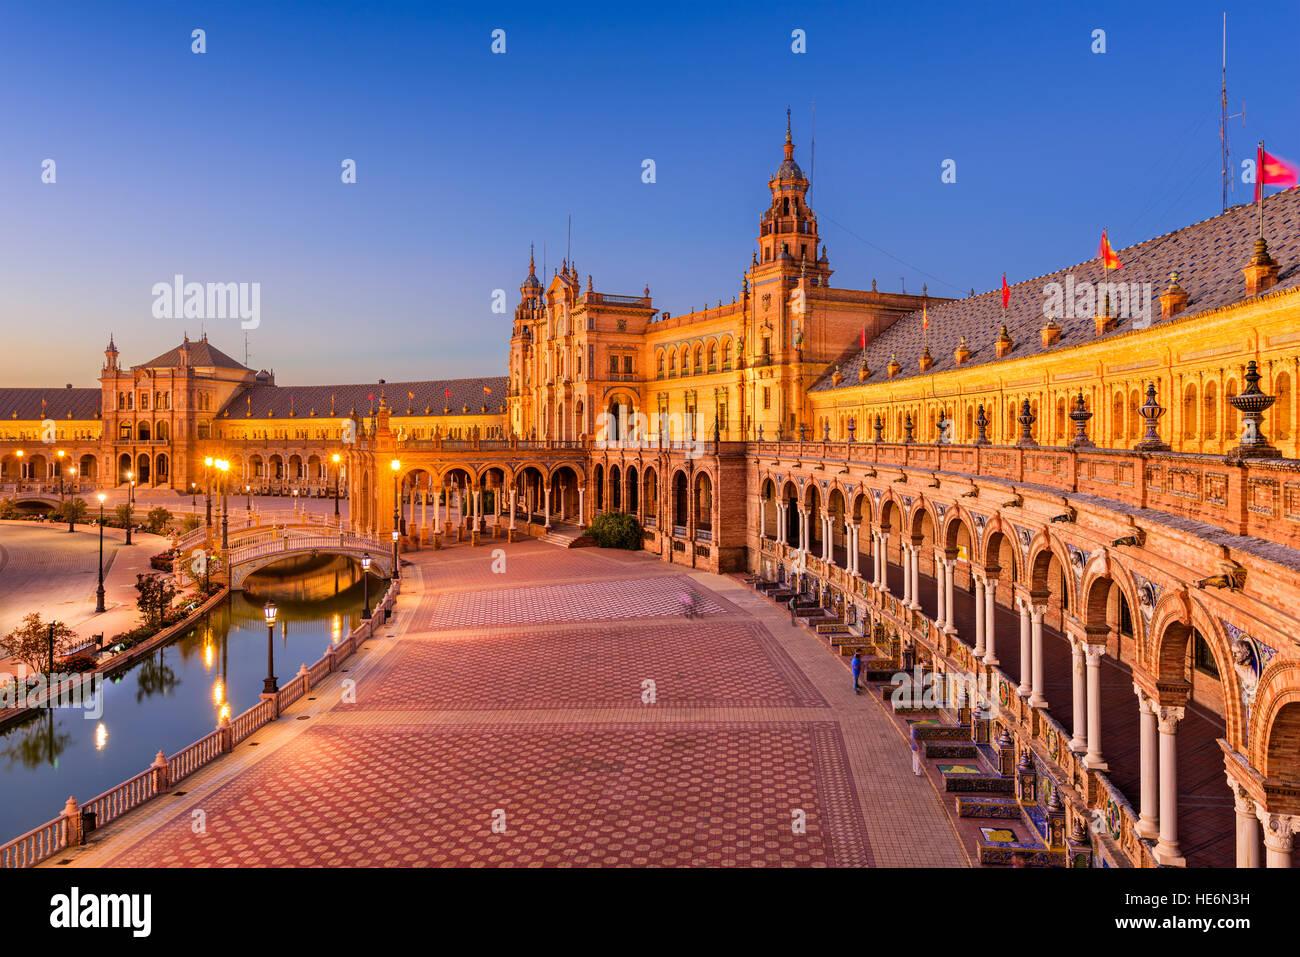 Siviglia, Spagna a Piazza di Spagna. Immagini Stock